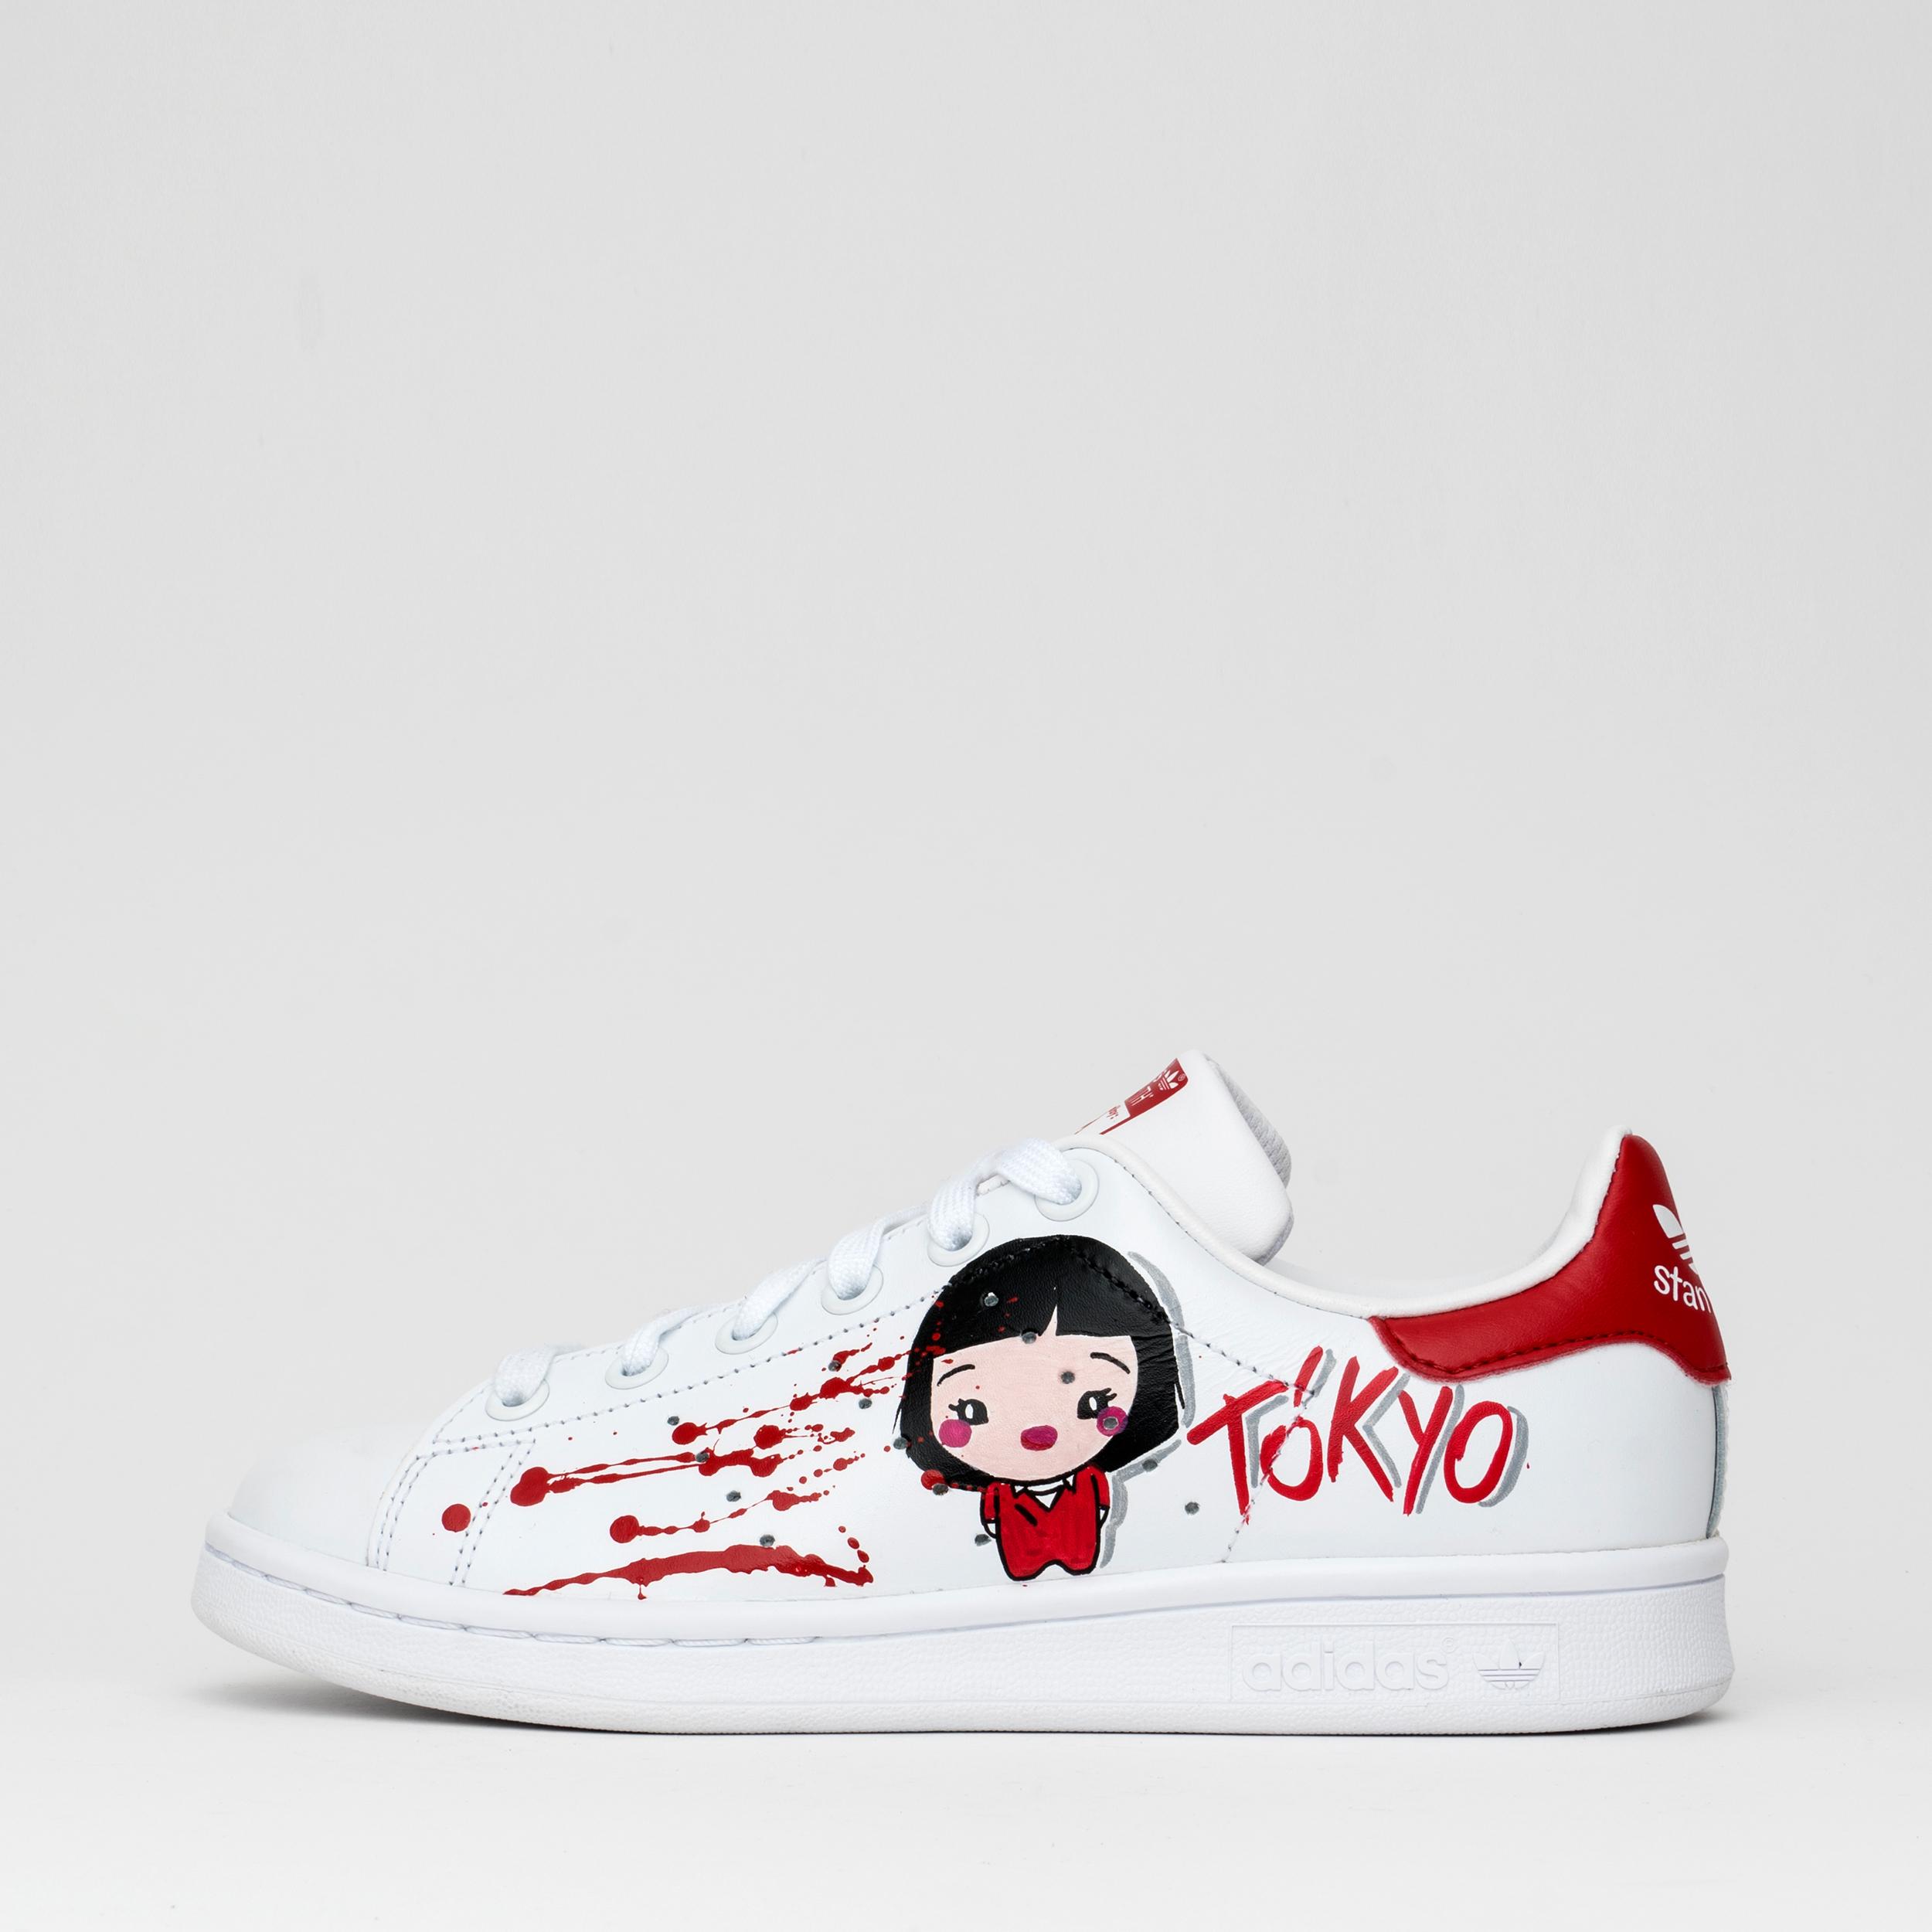 Adidas Stan Smith x Debsy : Casa de Papel Tokio & El Profesor